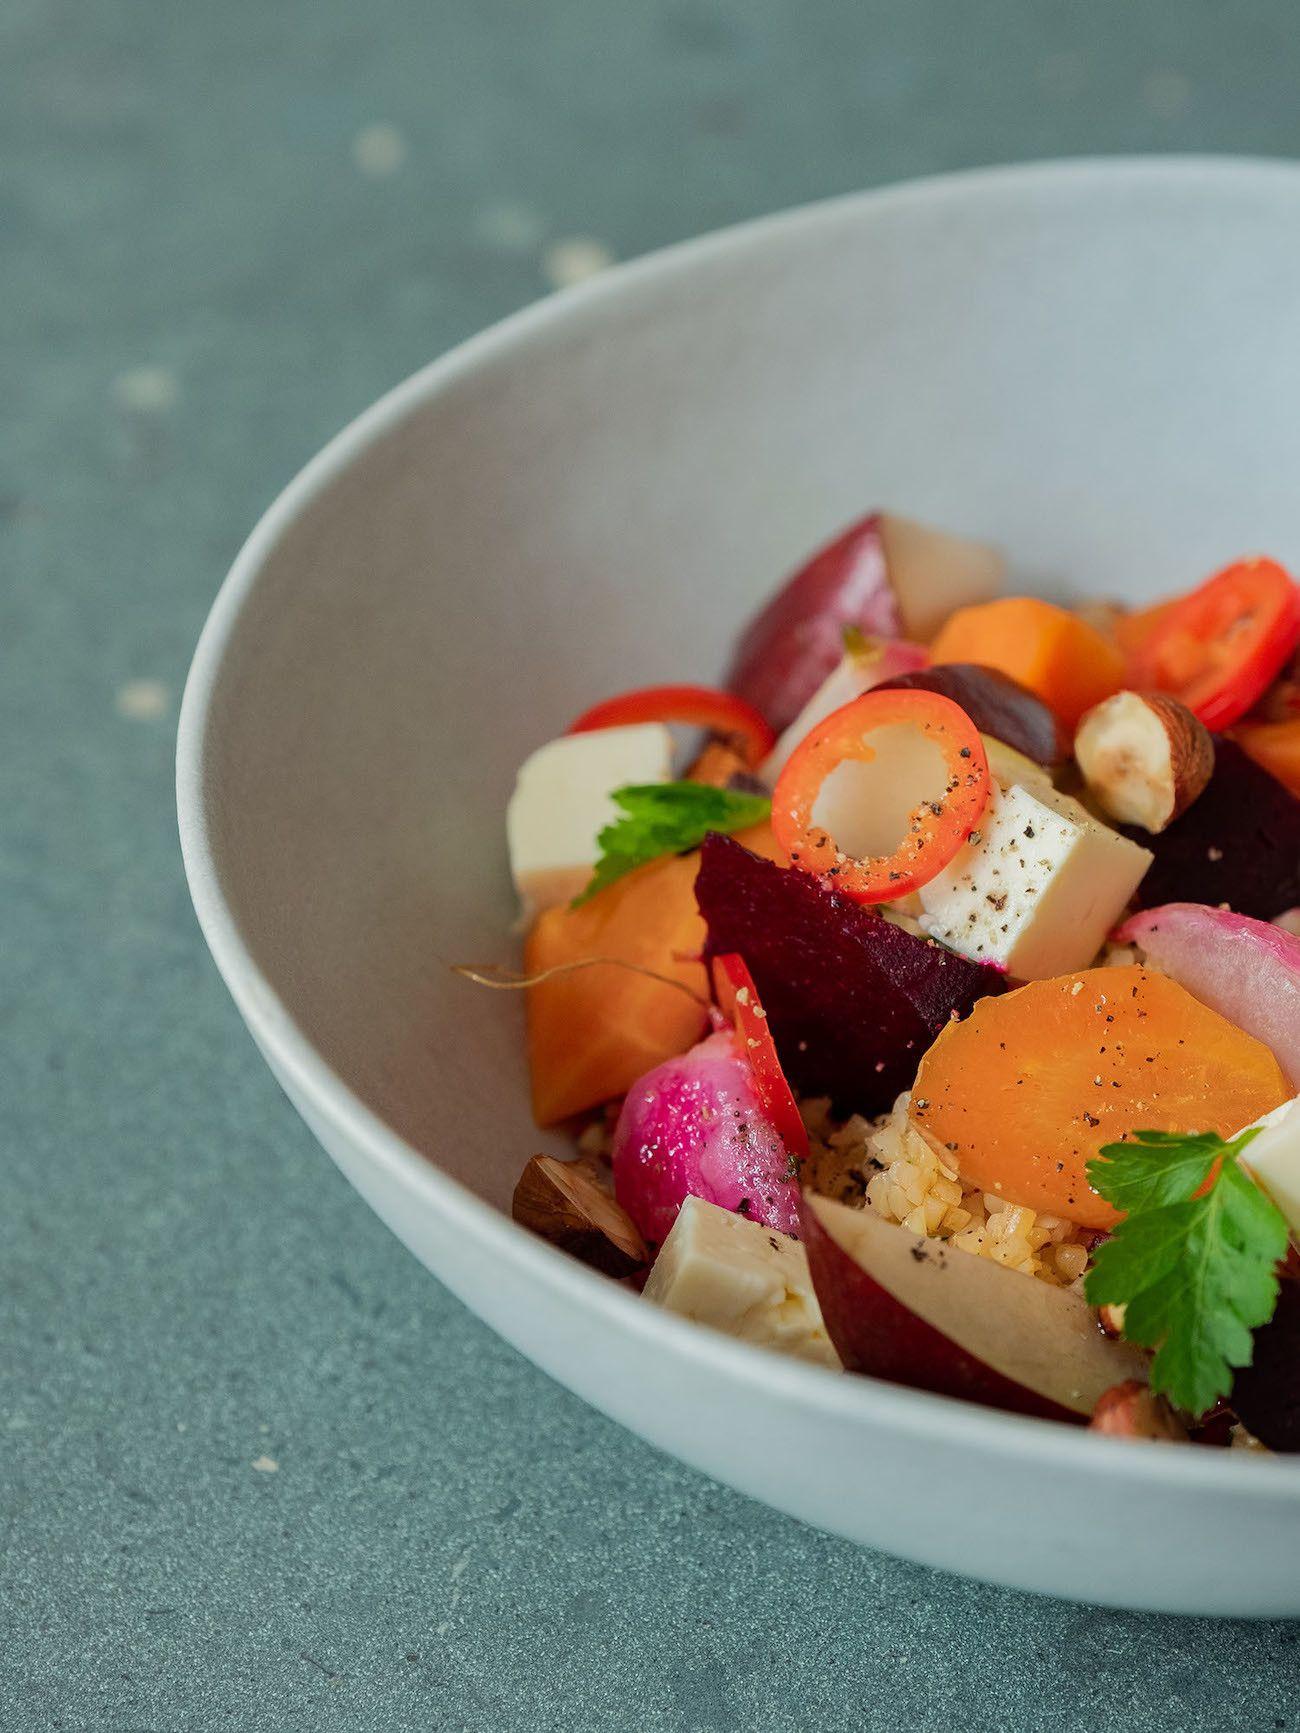 Foodblog, About Fuel, Gebackene Rote Bete und Karotten auf Bulgursalat mit Birne, Haselnüsse, Radieschen, Feta, Chili